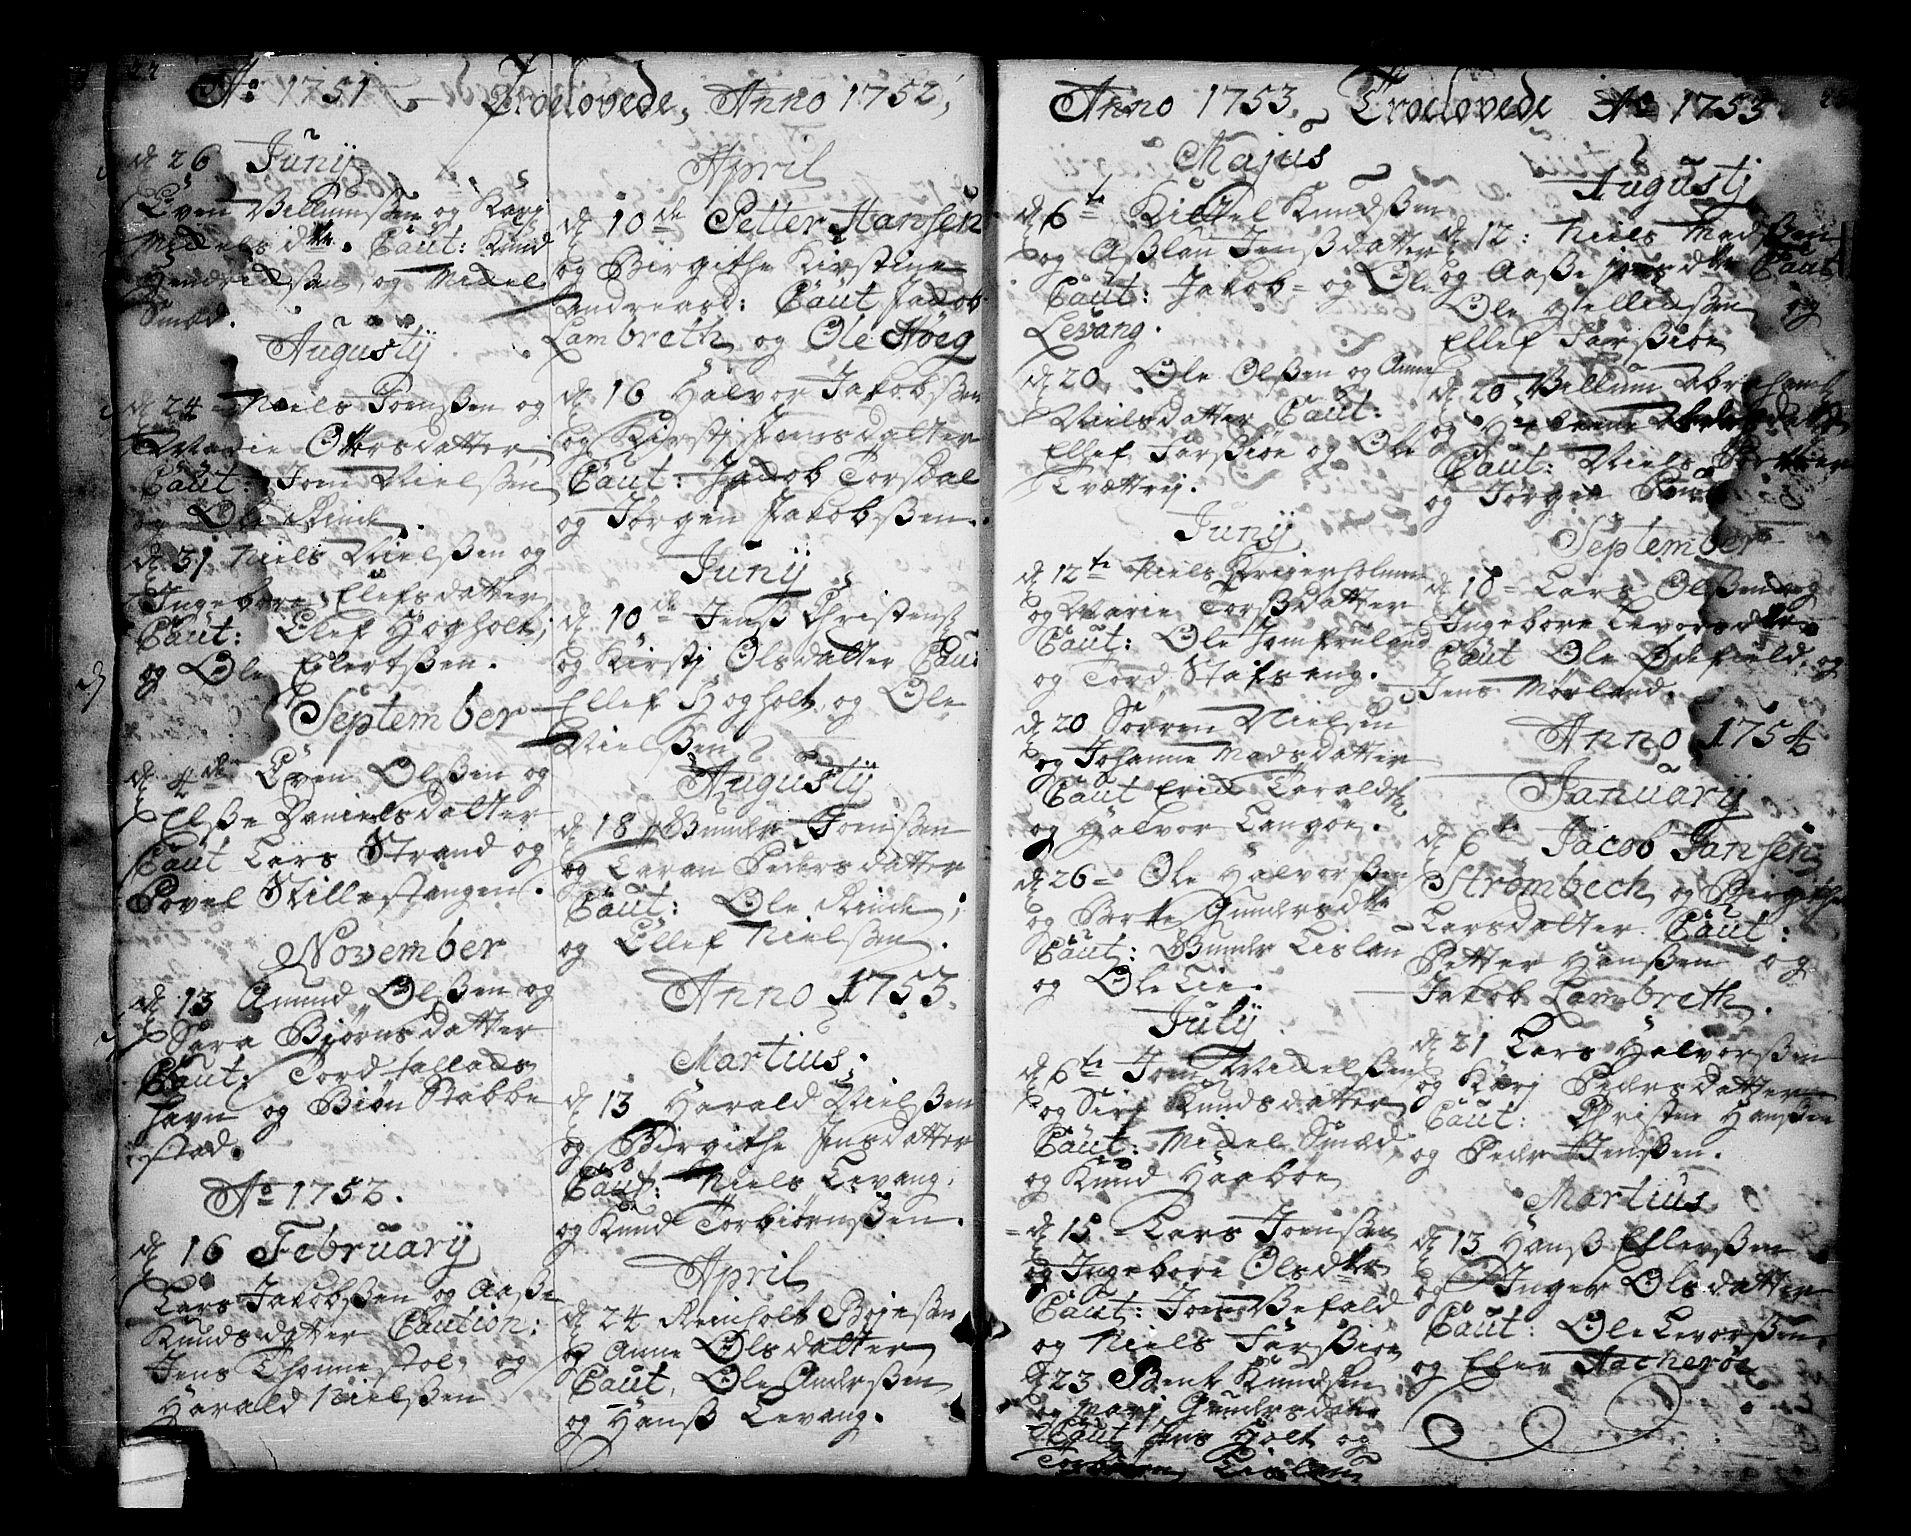 SAKO, Sannidal kirkebøker, F/Fa/L0001: Ministerialbok nr. 1, 1702-1766, s. 22-23